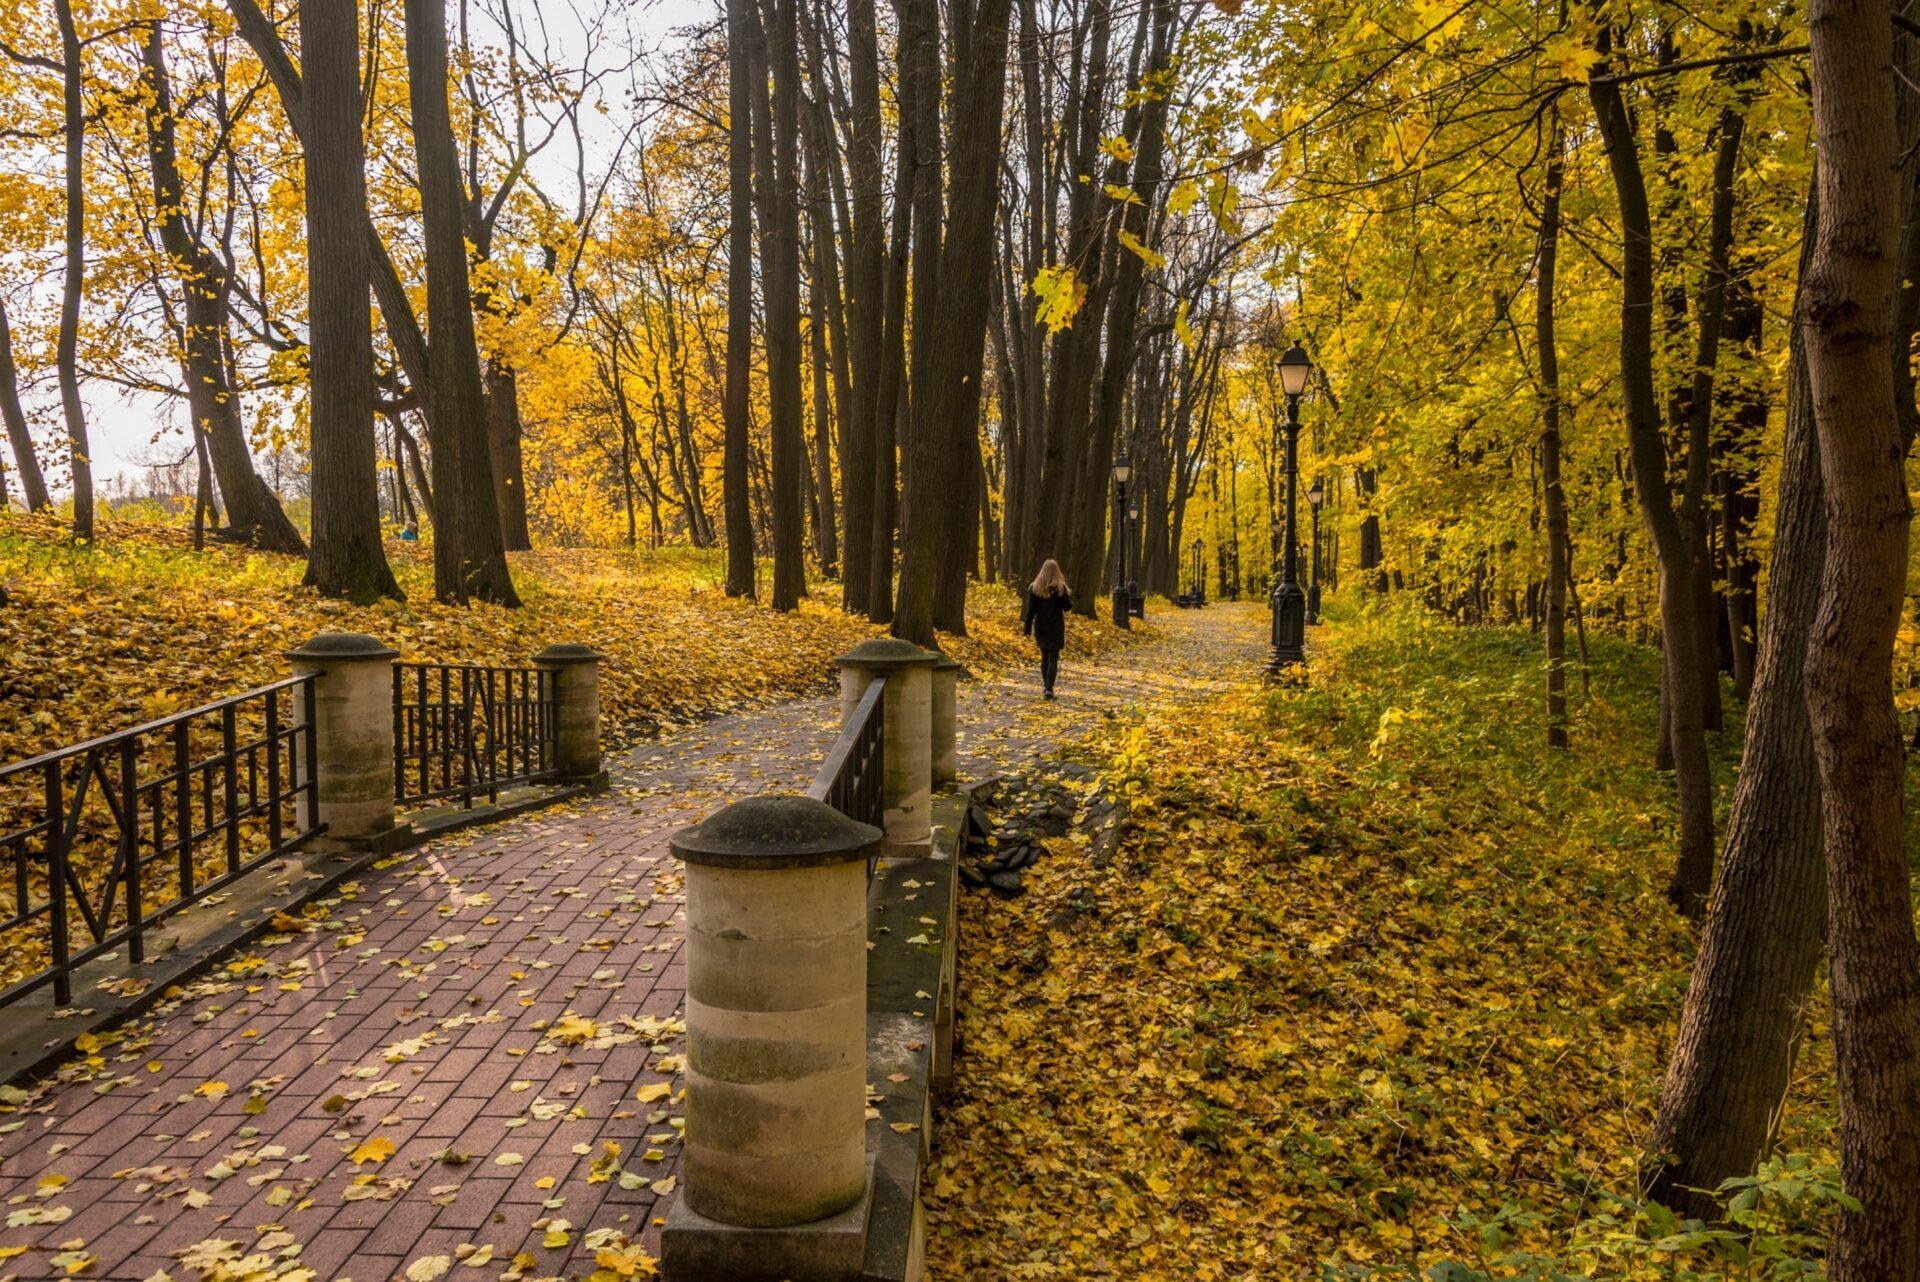 Москва. Октябрь. Парк Царицыно.